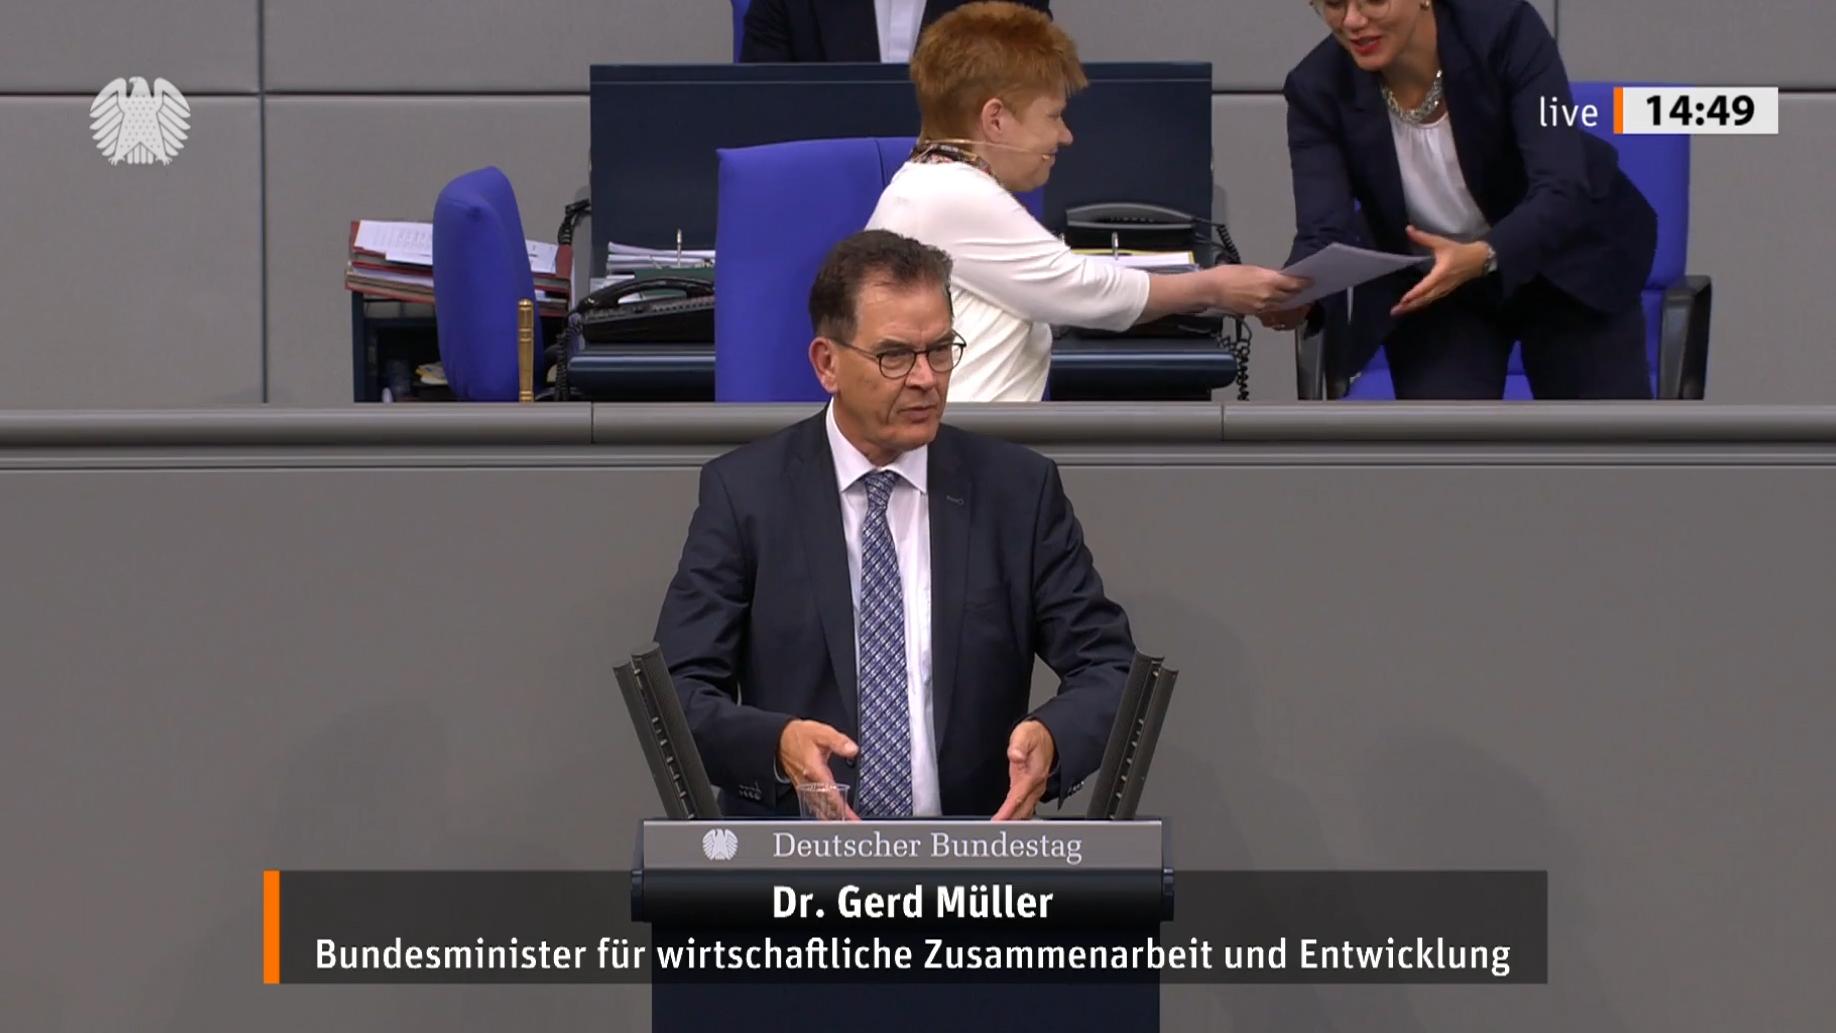 Standbild aus dem Video der Rede von Minister Müller vor dem Deutschen Bundestag am 19. Juni 2020